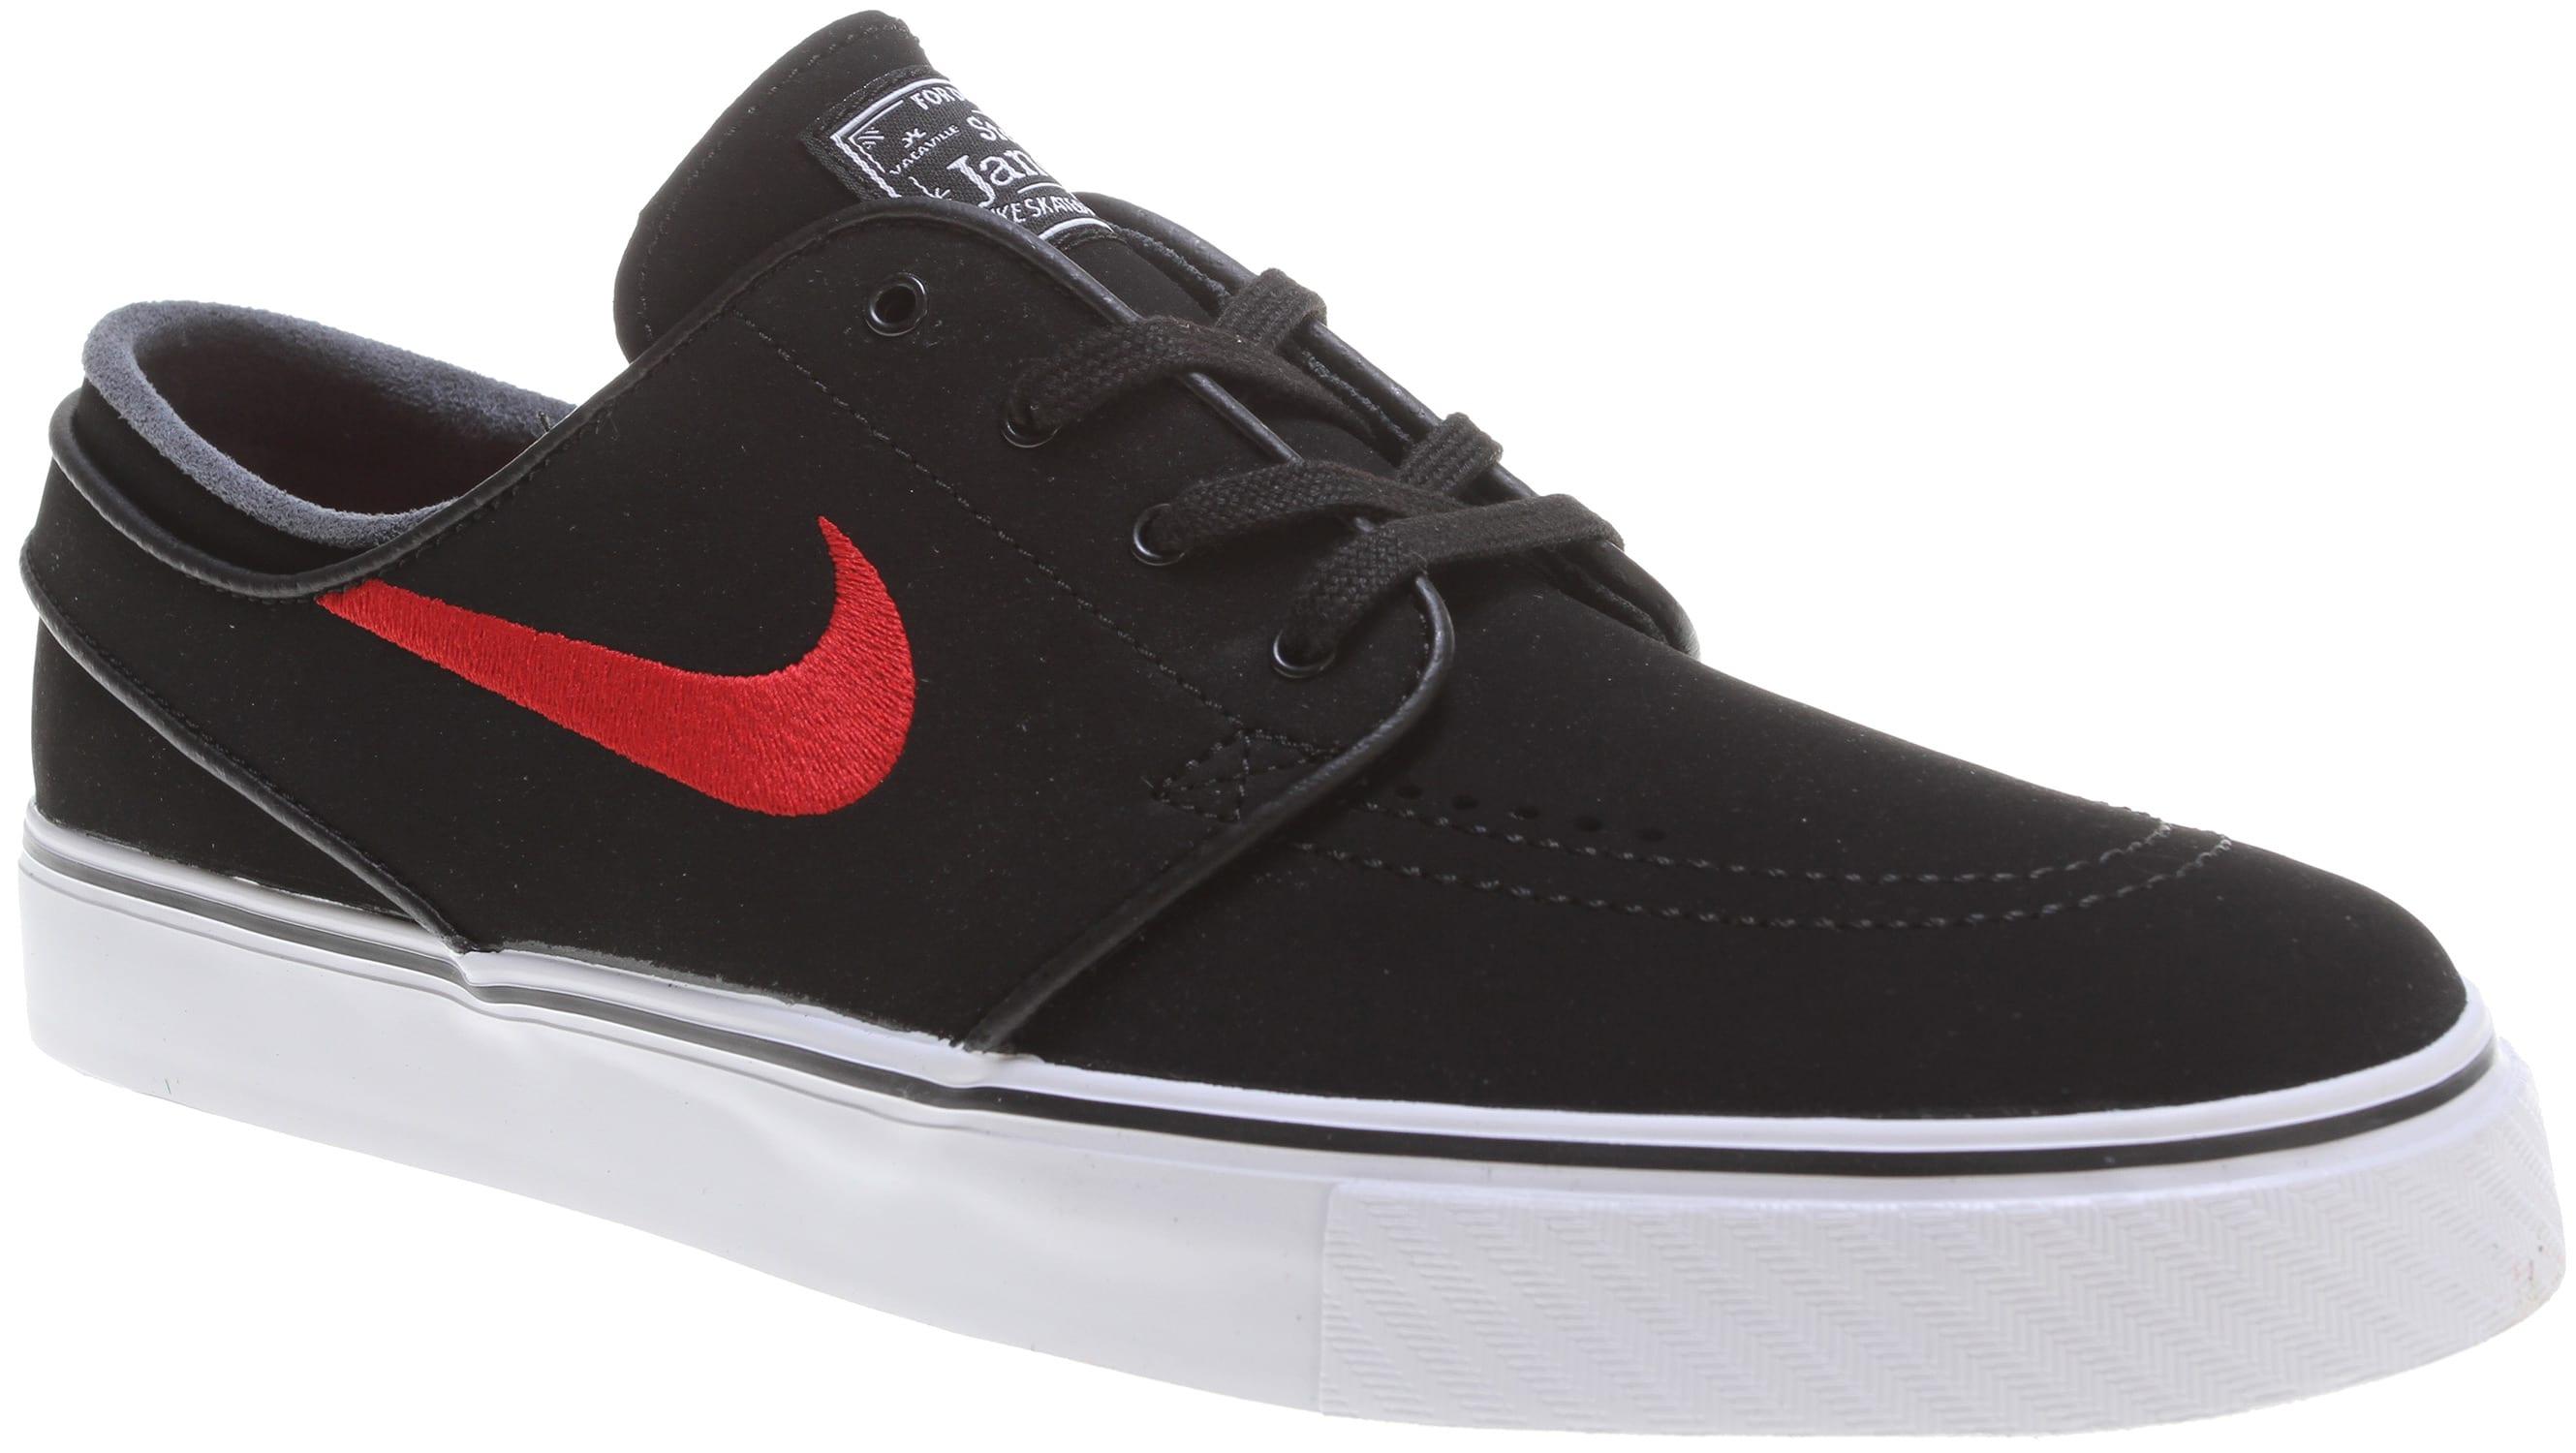 0d39cf8ef46f nb shoes sale   OFF46% Discounts